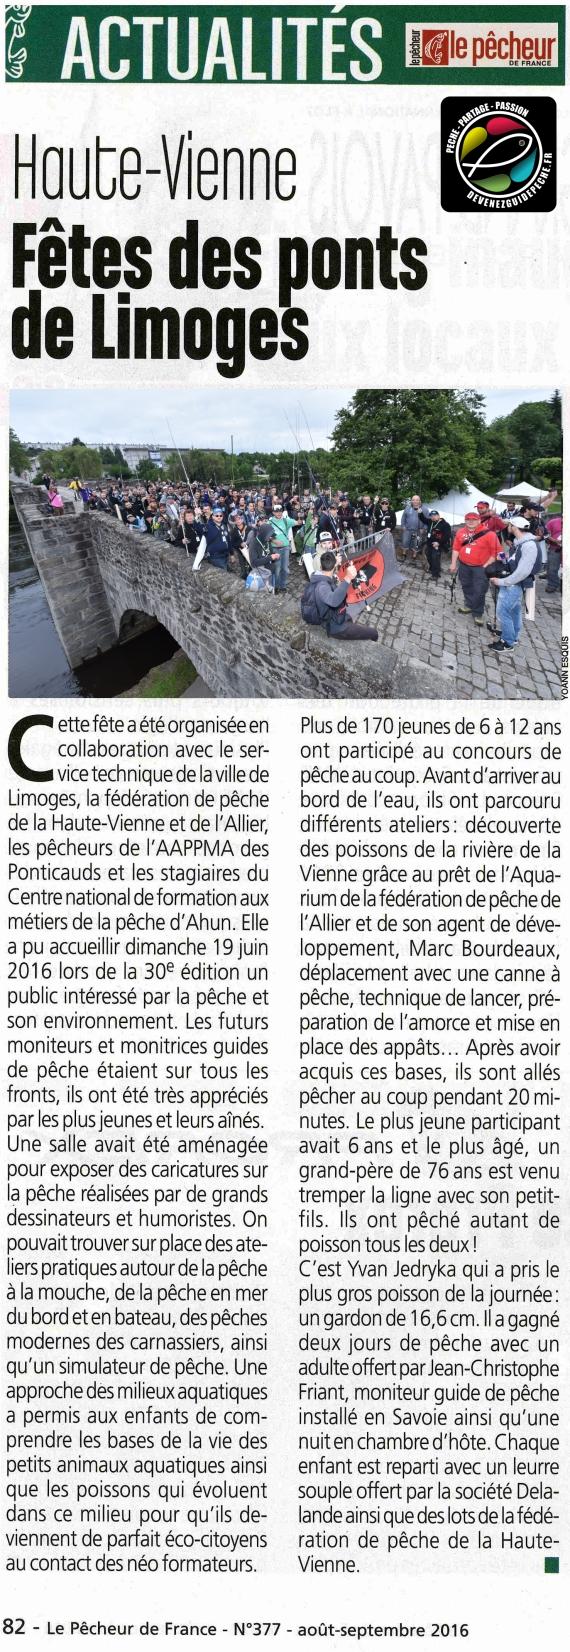 AAPPMA les Ponticauds yoann esquis Fête des Ponts de Limoges